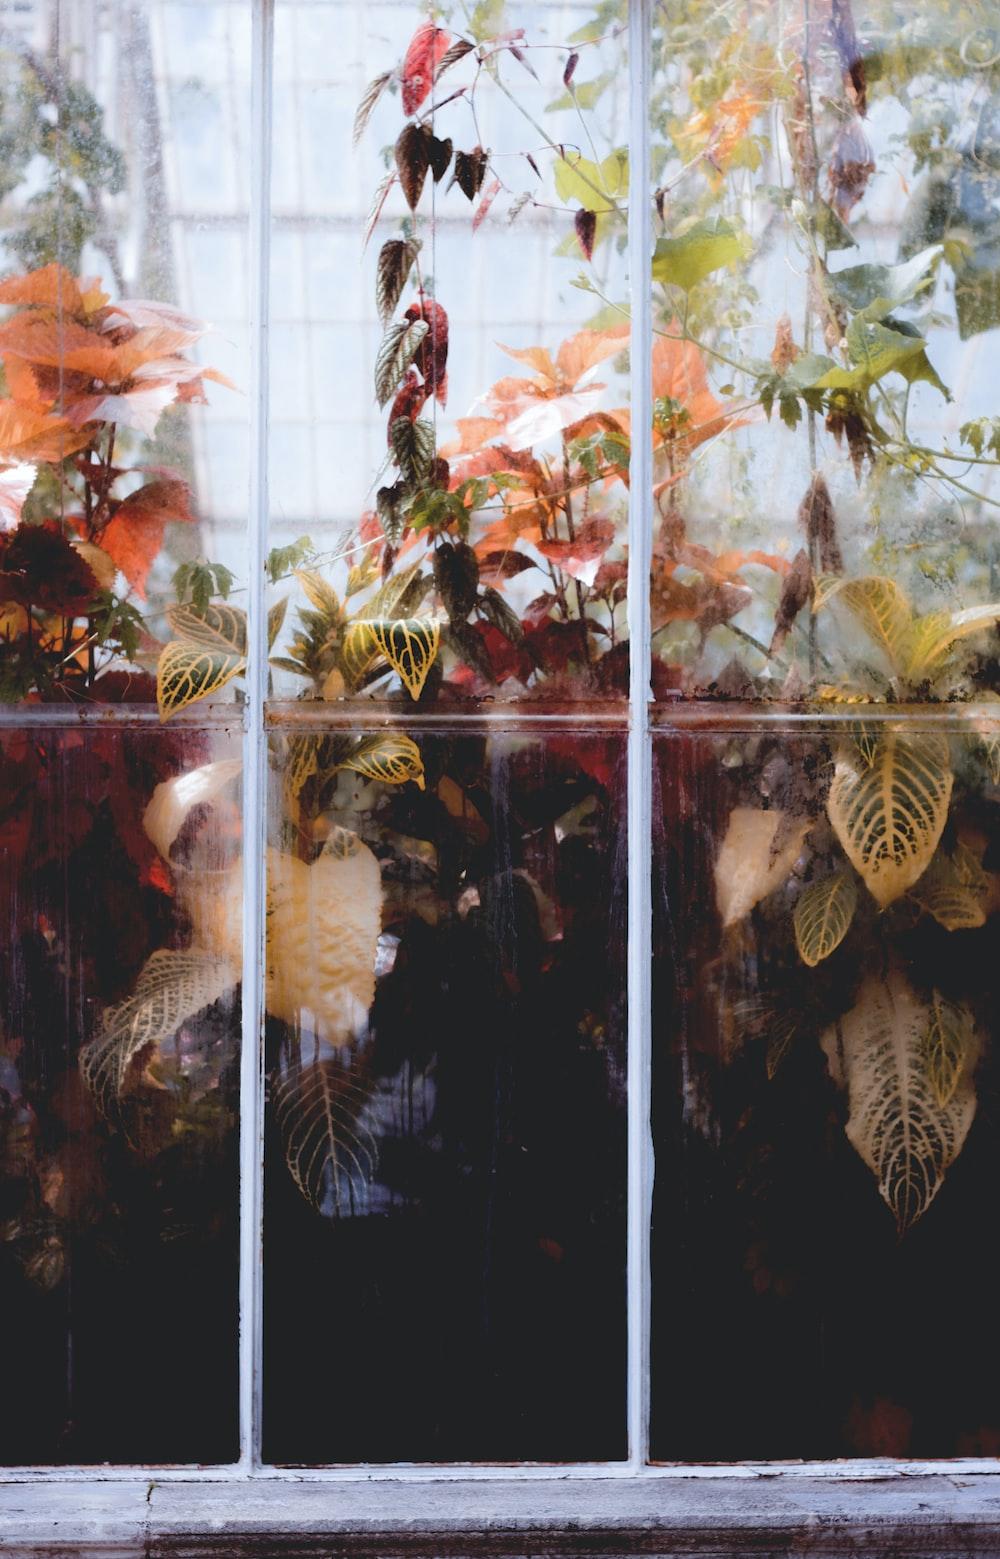 rushfoil plants